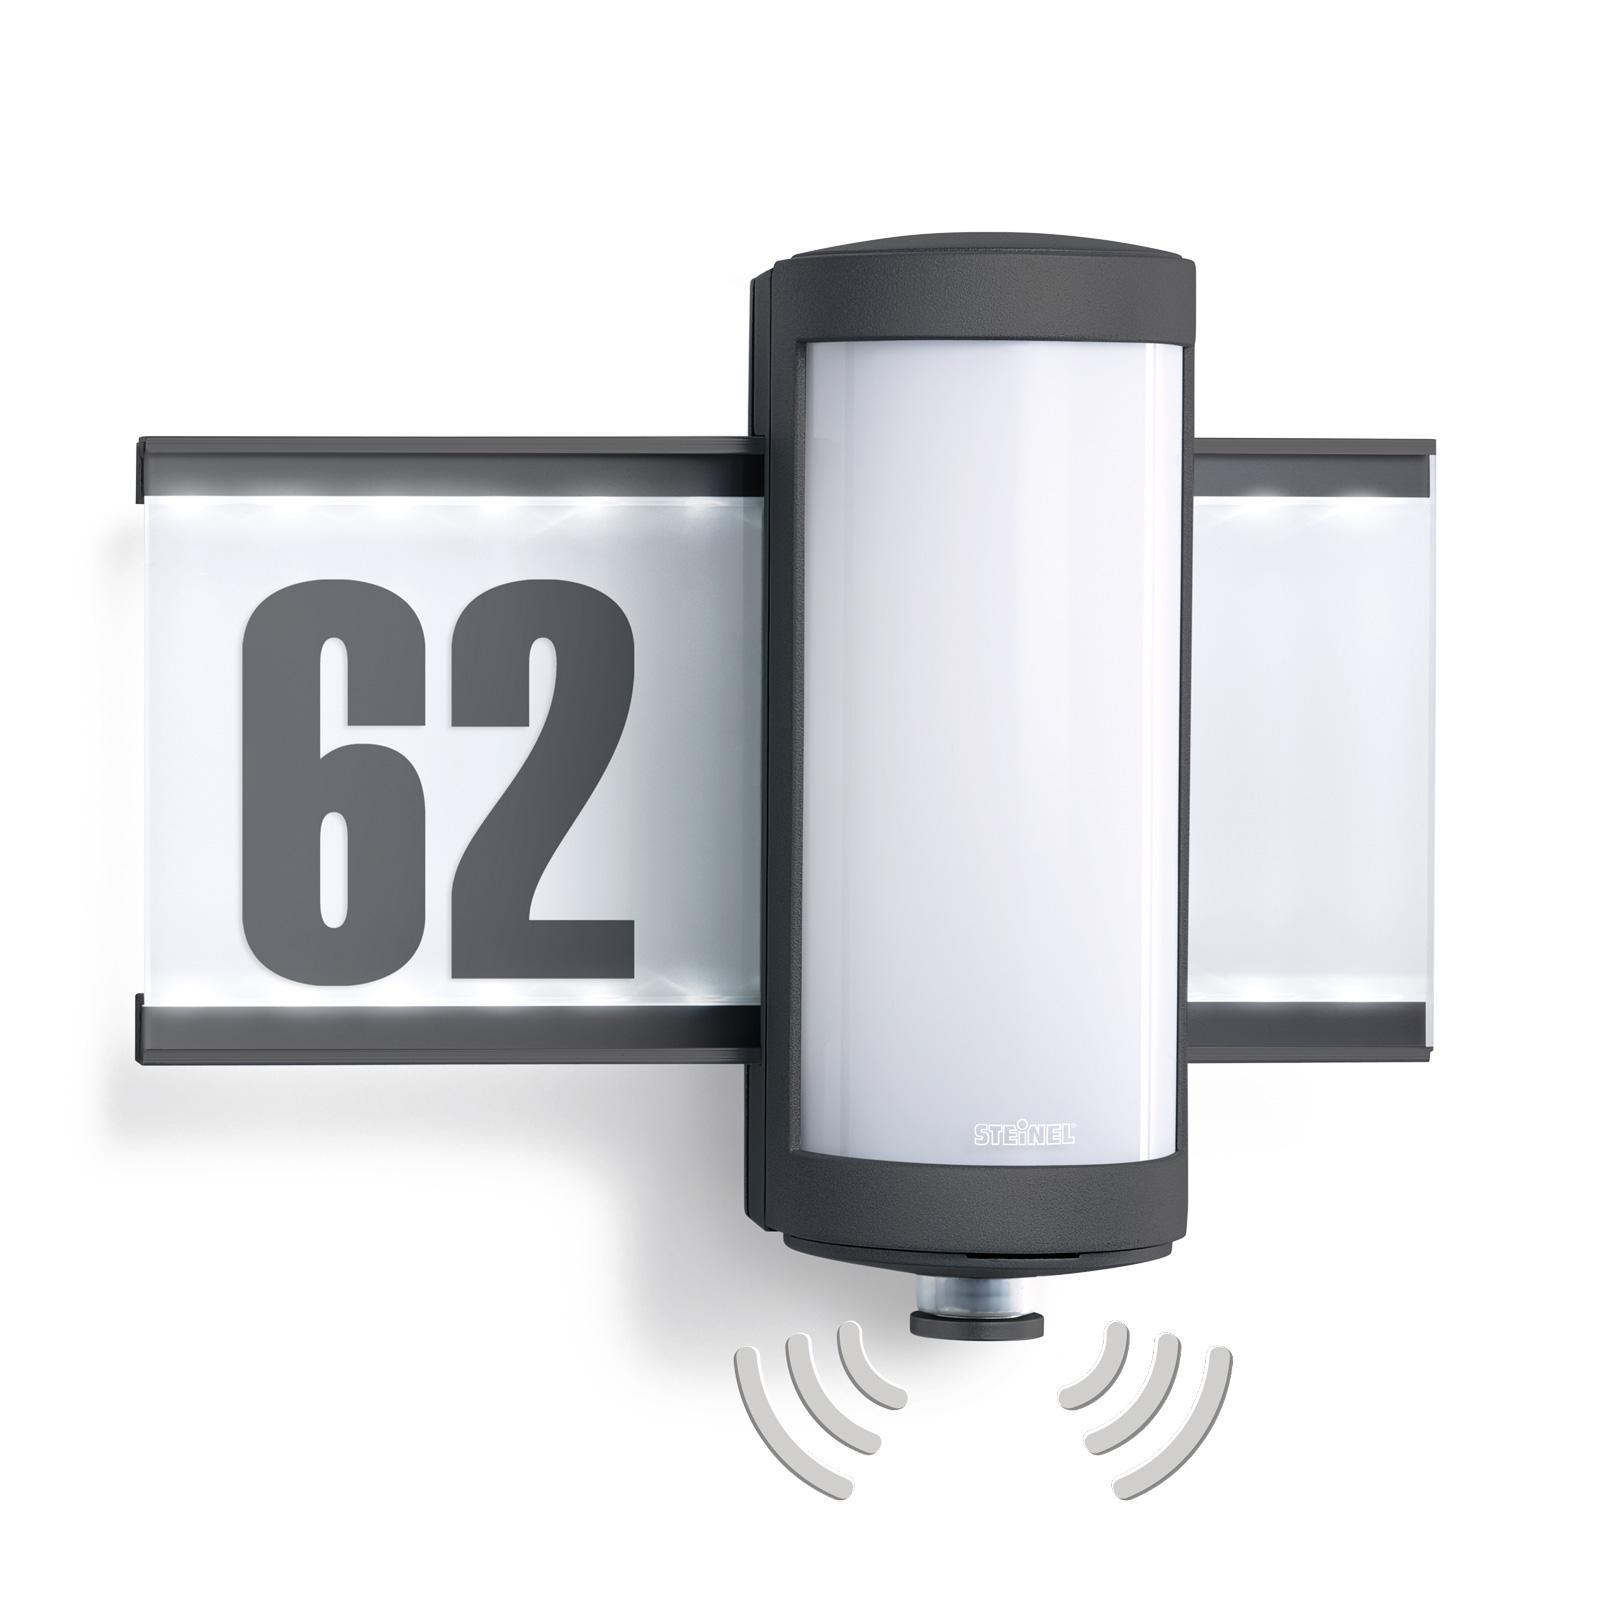 STEINEL L 625 LED-husnummerlampa iHF 360° sensor